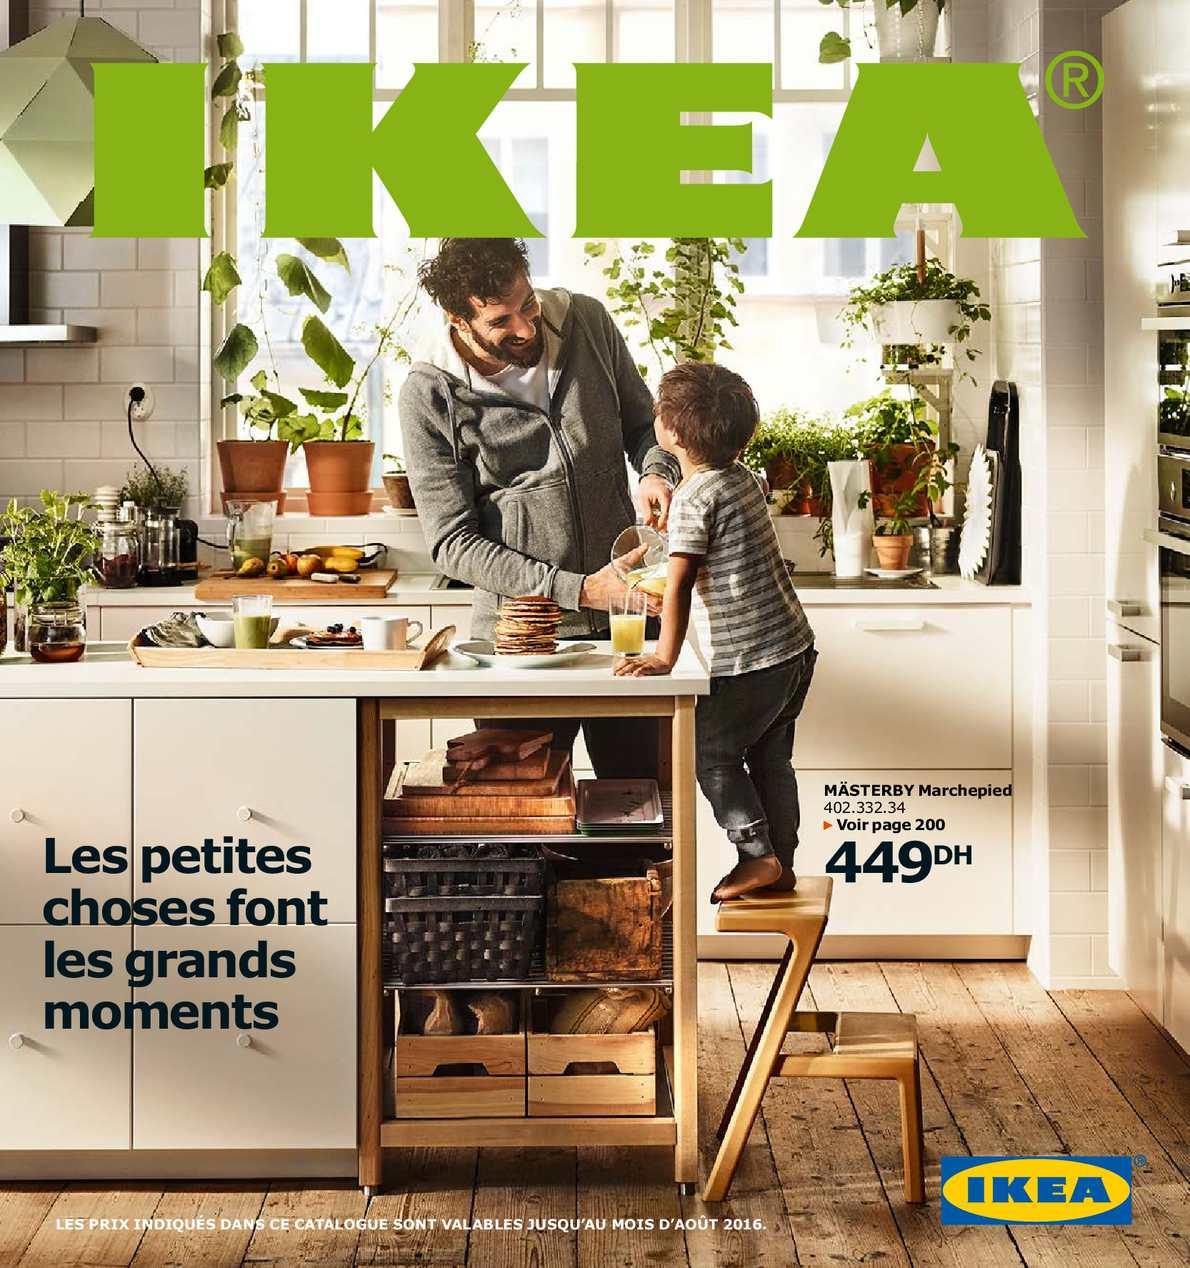 Fr Ikea Catalogue Calaméo Calaméo Ikea Catalogue MpUVqSzG